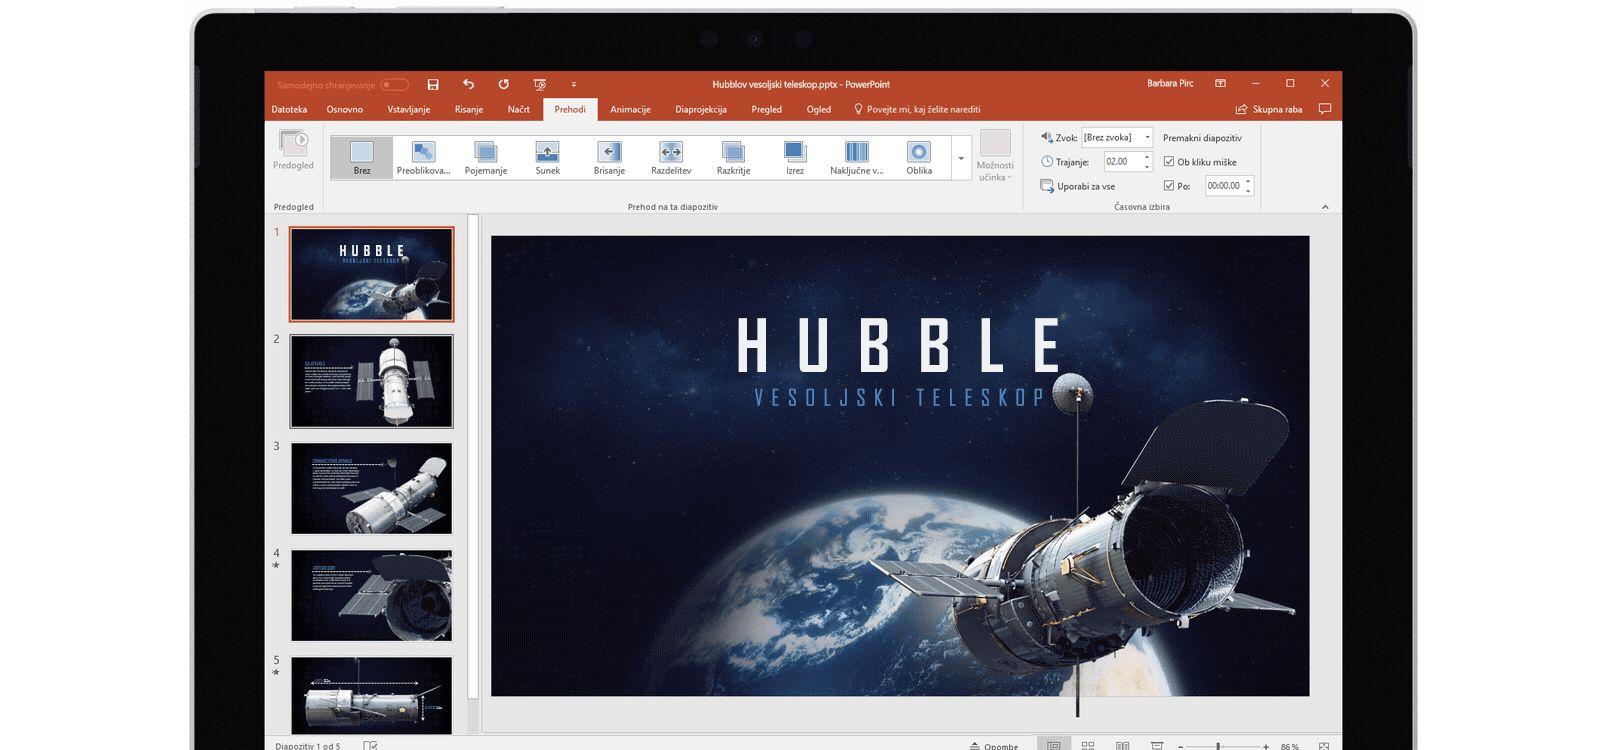 Zaslon tabličnega računalnika, na katerem je prikazana uporaba prehoda preoblikovanja v PowerPointovi predstavitvi o vesoljskih teleskopih